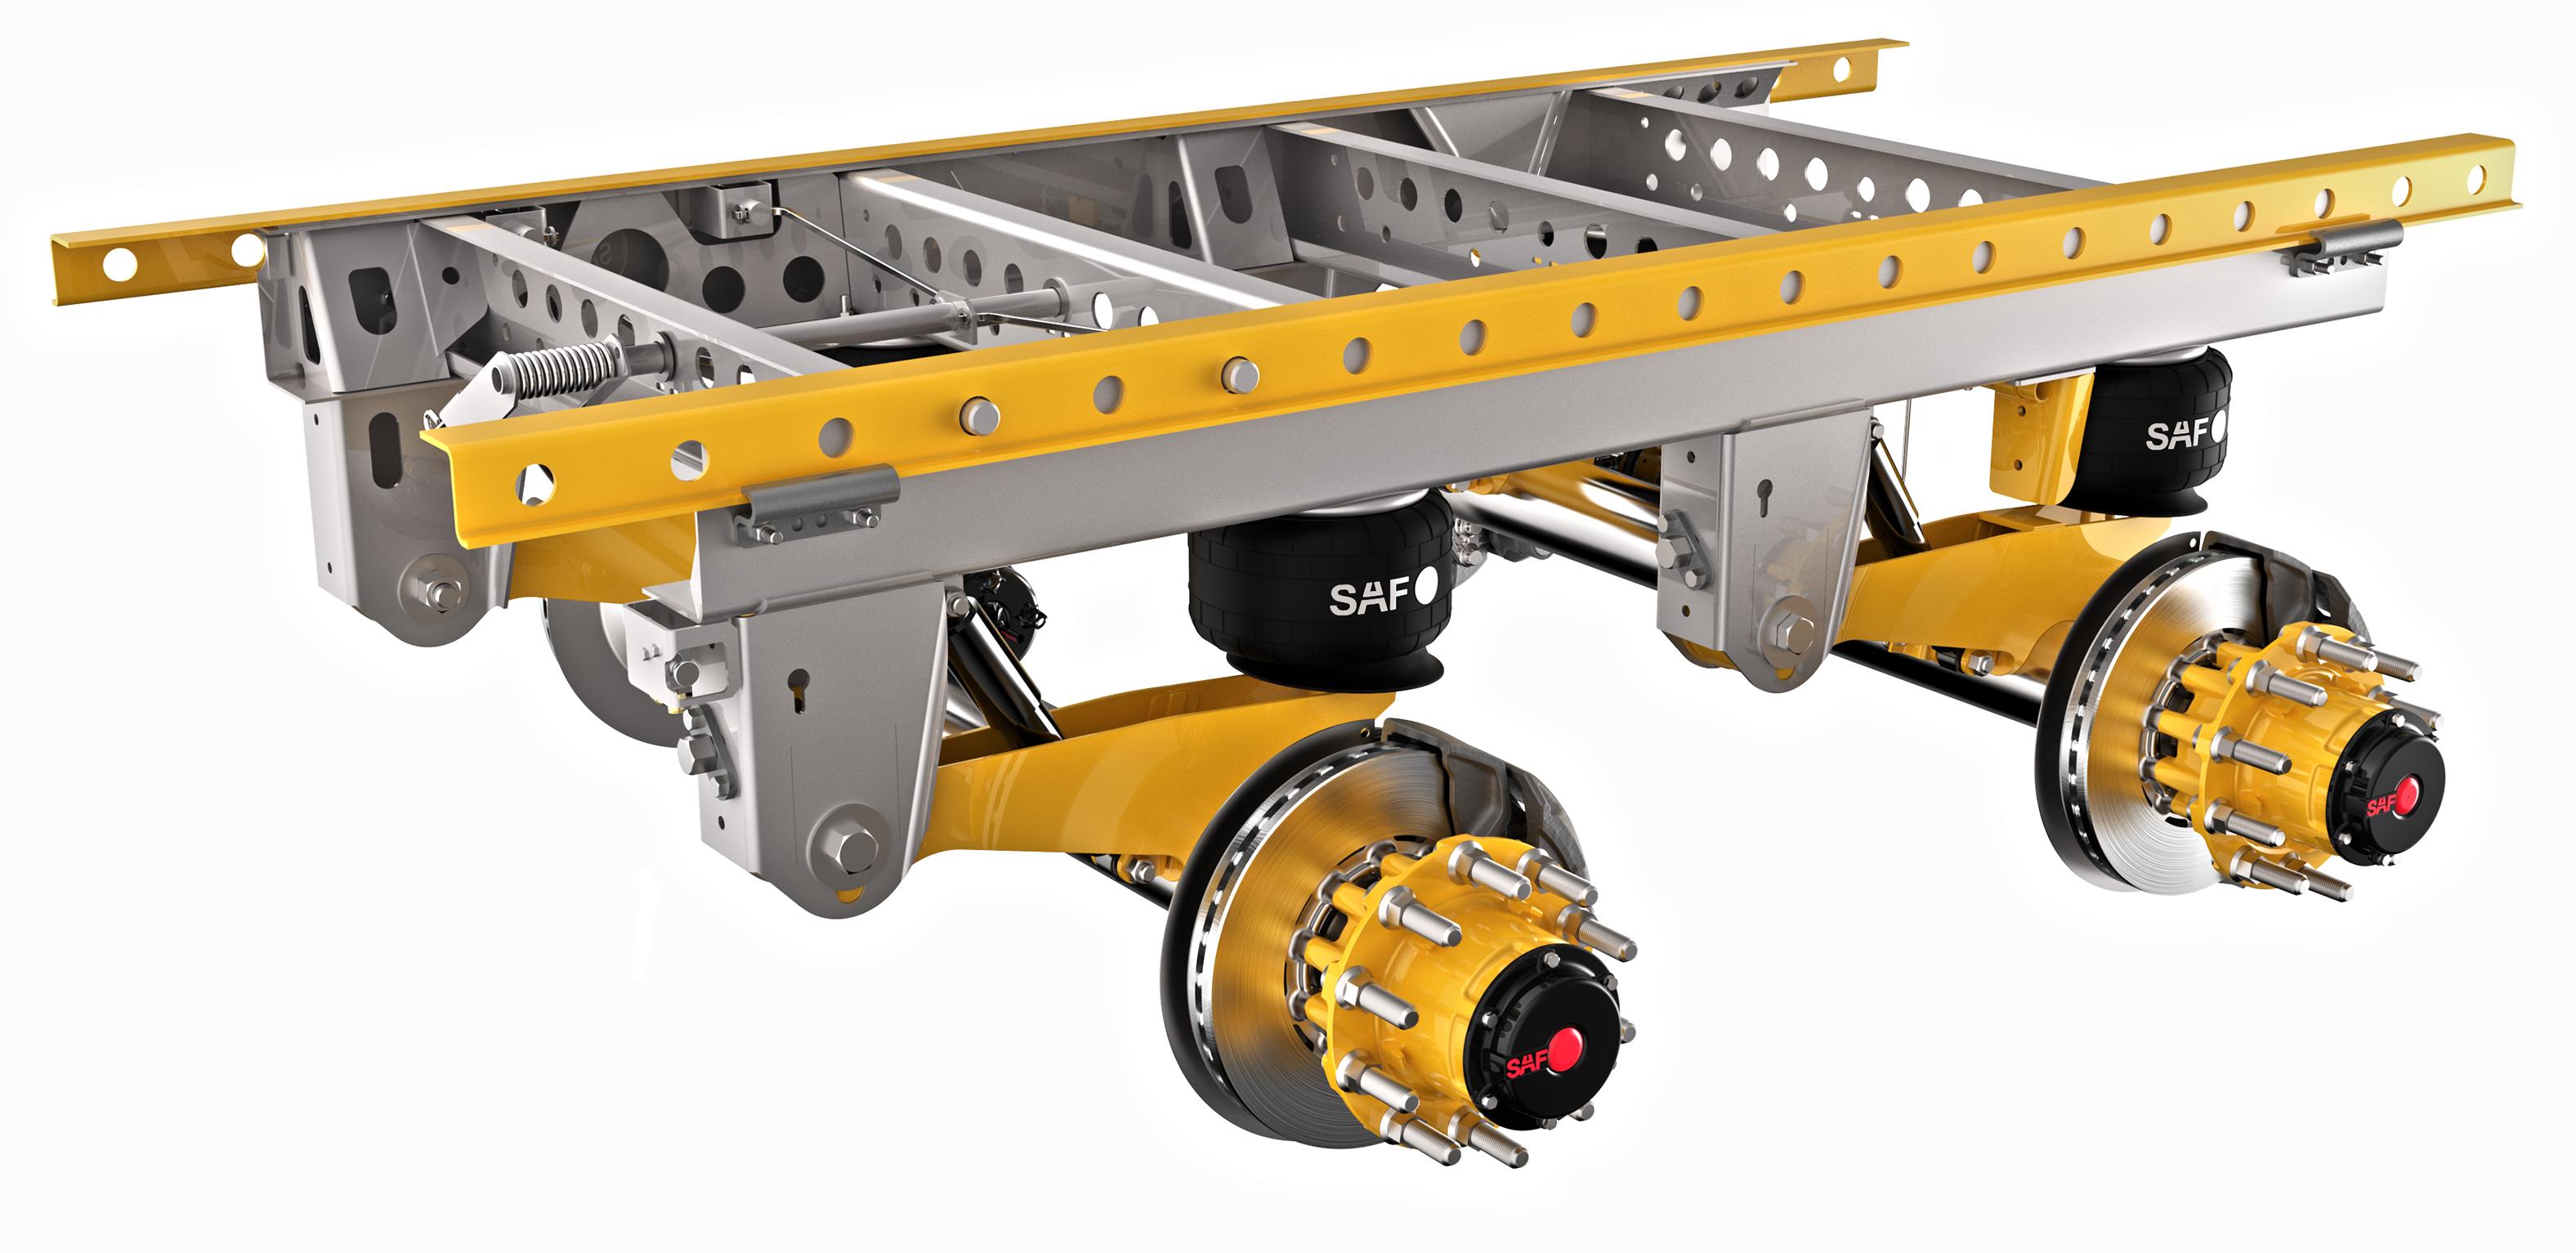 Tandem Slider Suspension Lightweight, More Durable, SAF-Holland Says